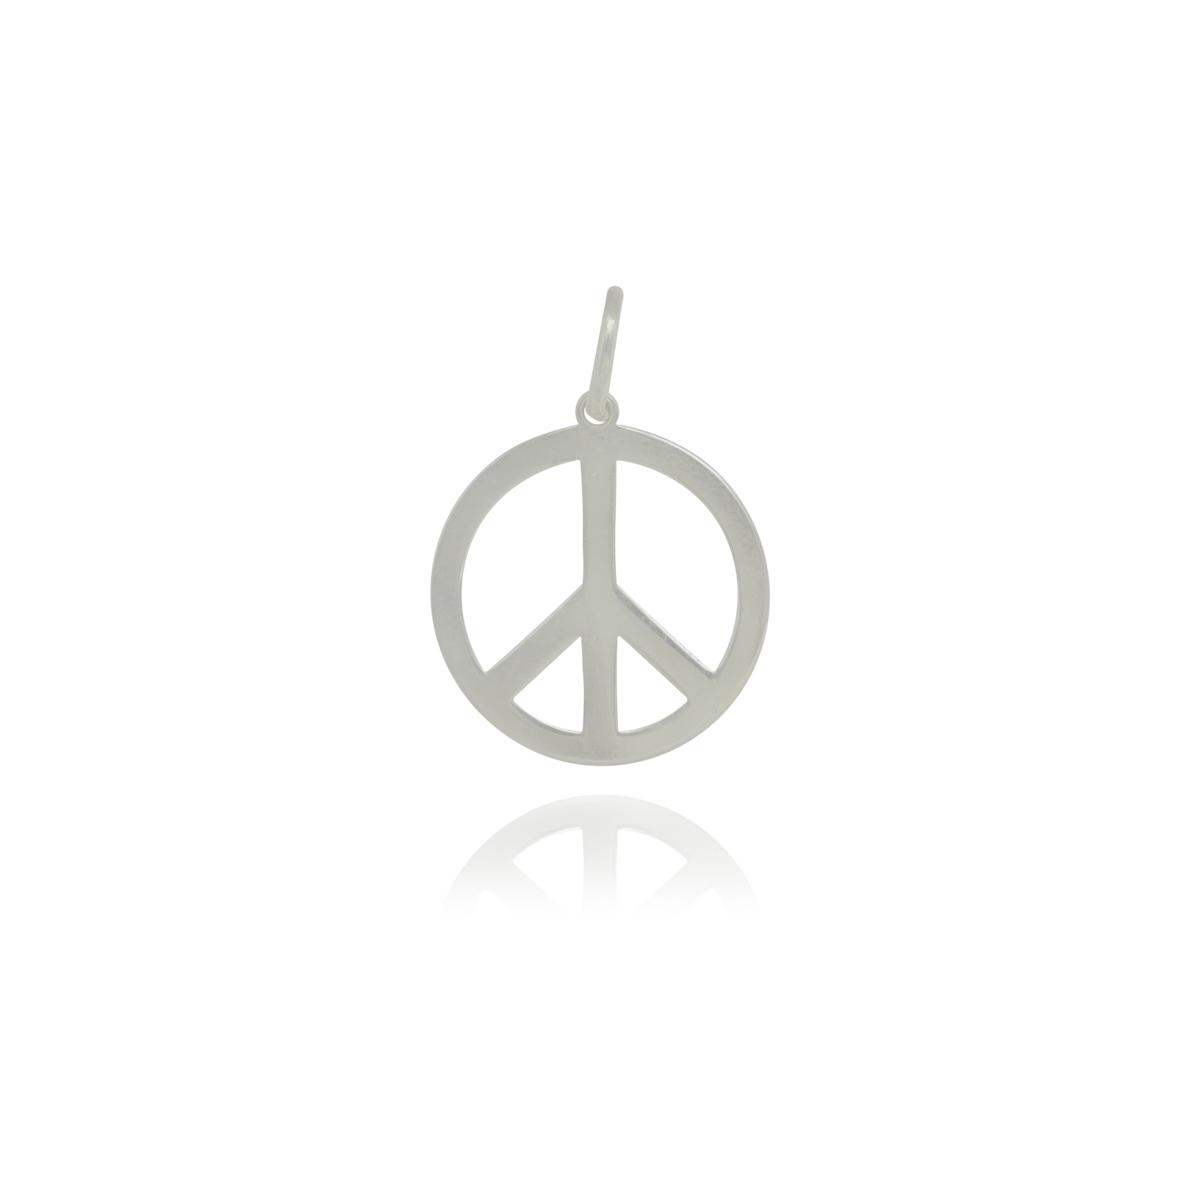 Pingente joia prata 925 maciça Paz e Amor hipoalergênica